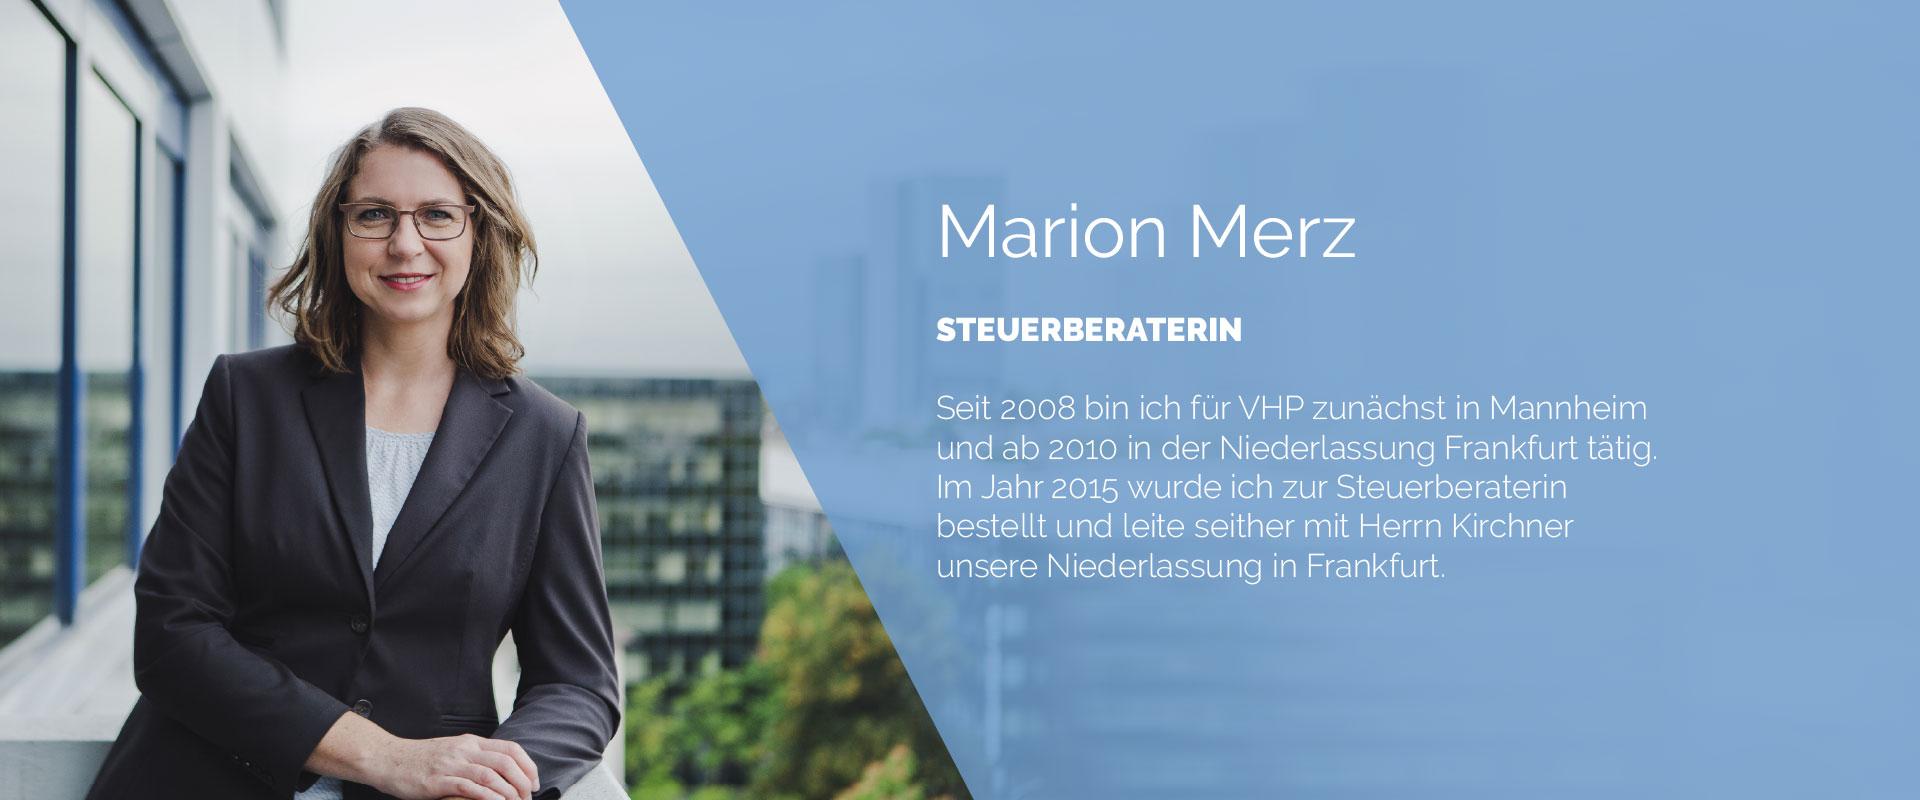 MarionMerz